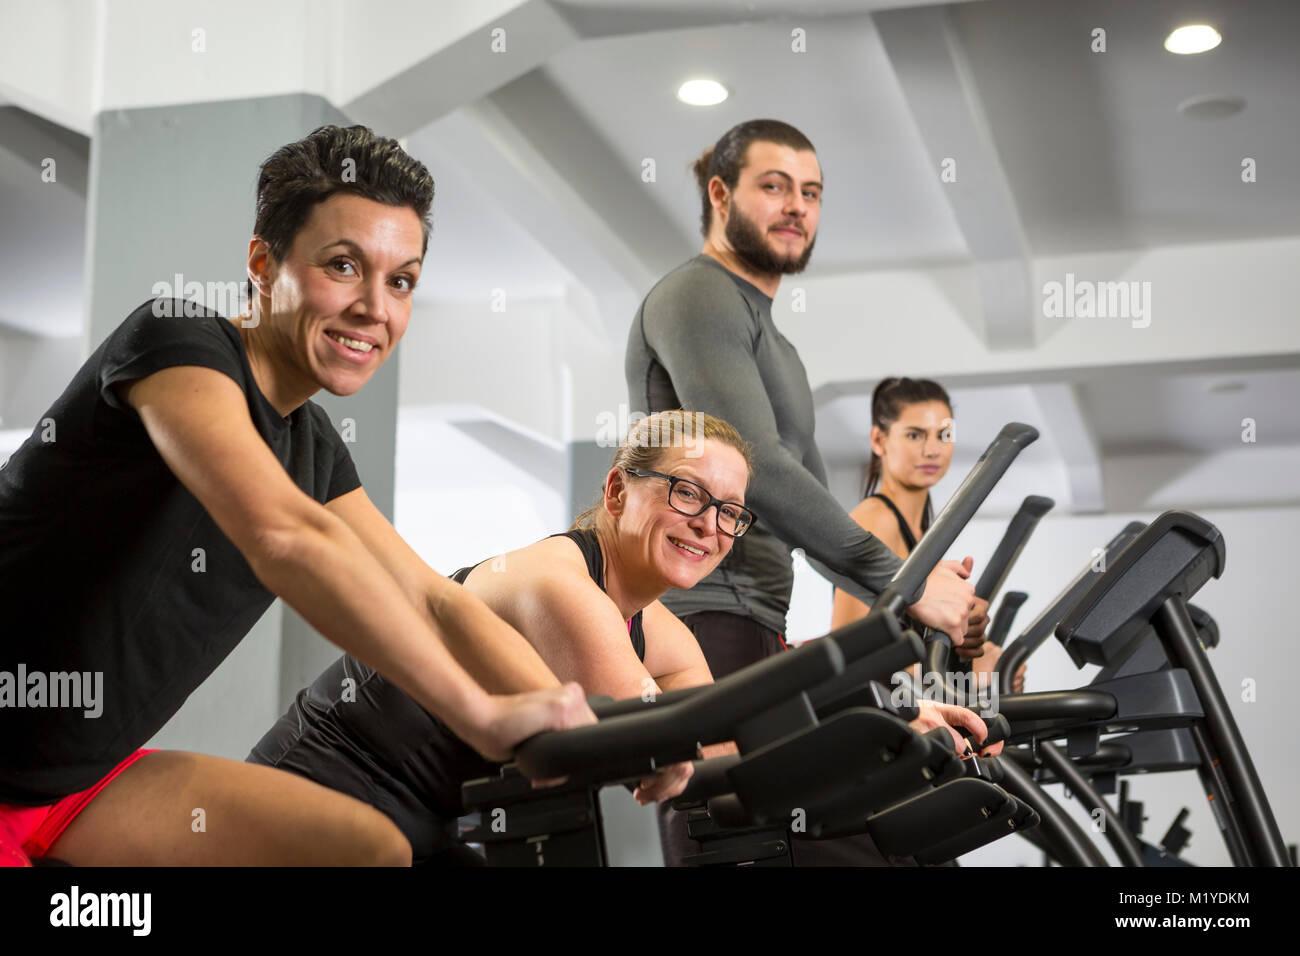 Trois femmes et un homme dans une salle de sport de formation dans des machines de cardio-training. Ils ont tous Photo Stock